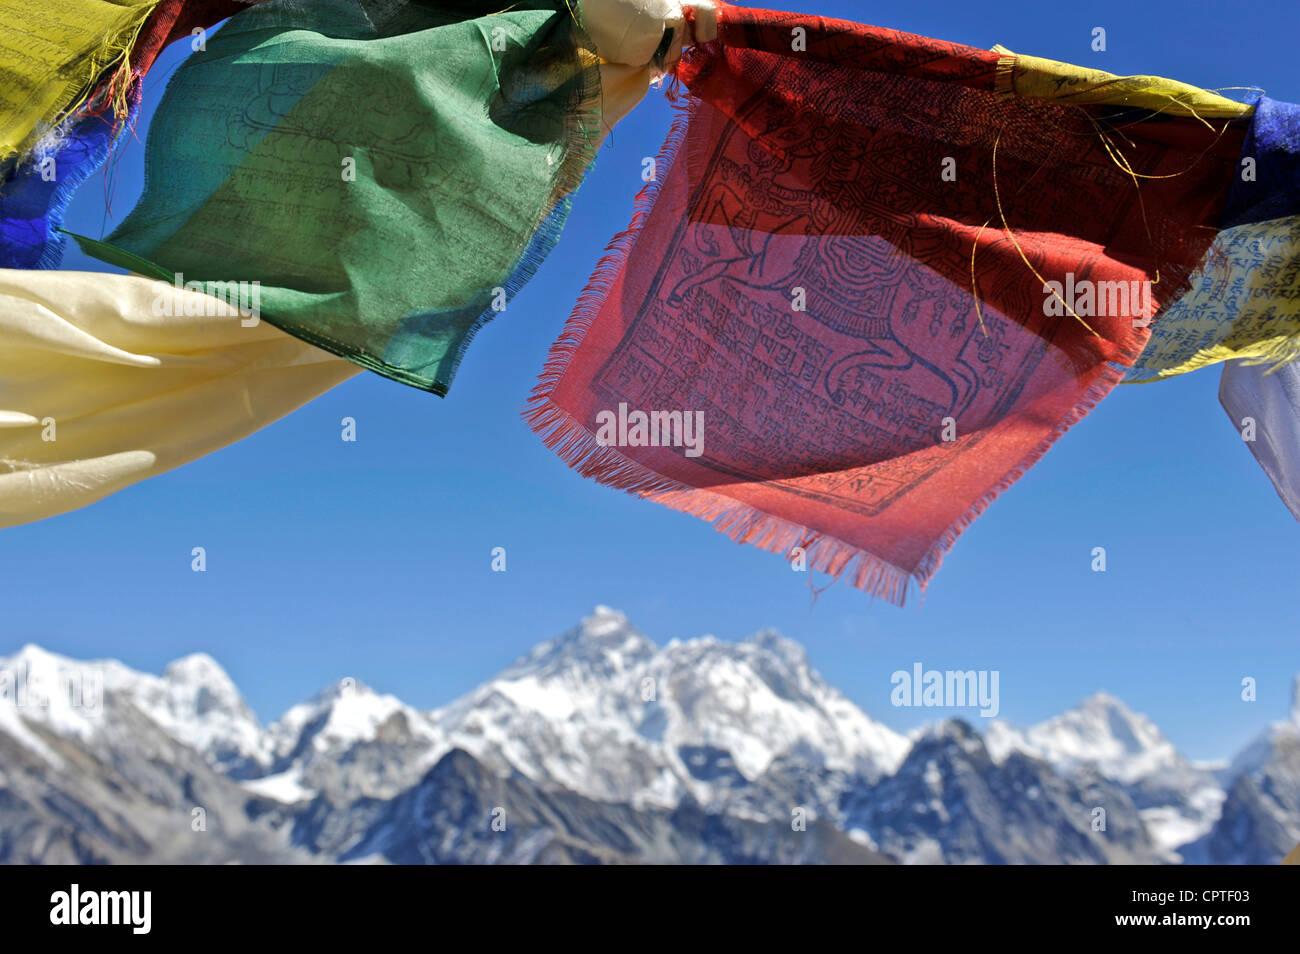 Drapeaux de prière tibetains avec vue sur le massif de l'Everest Népal Renjo La, Photo Stock